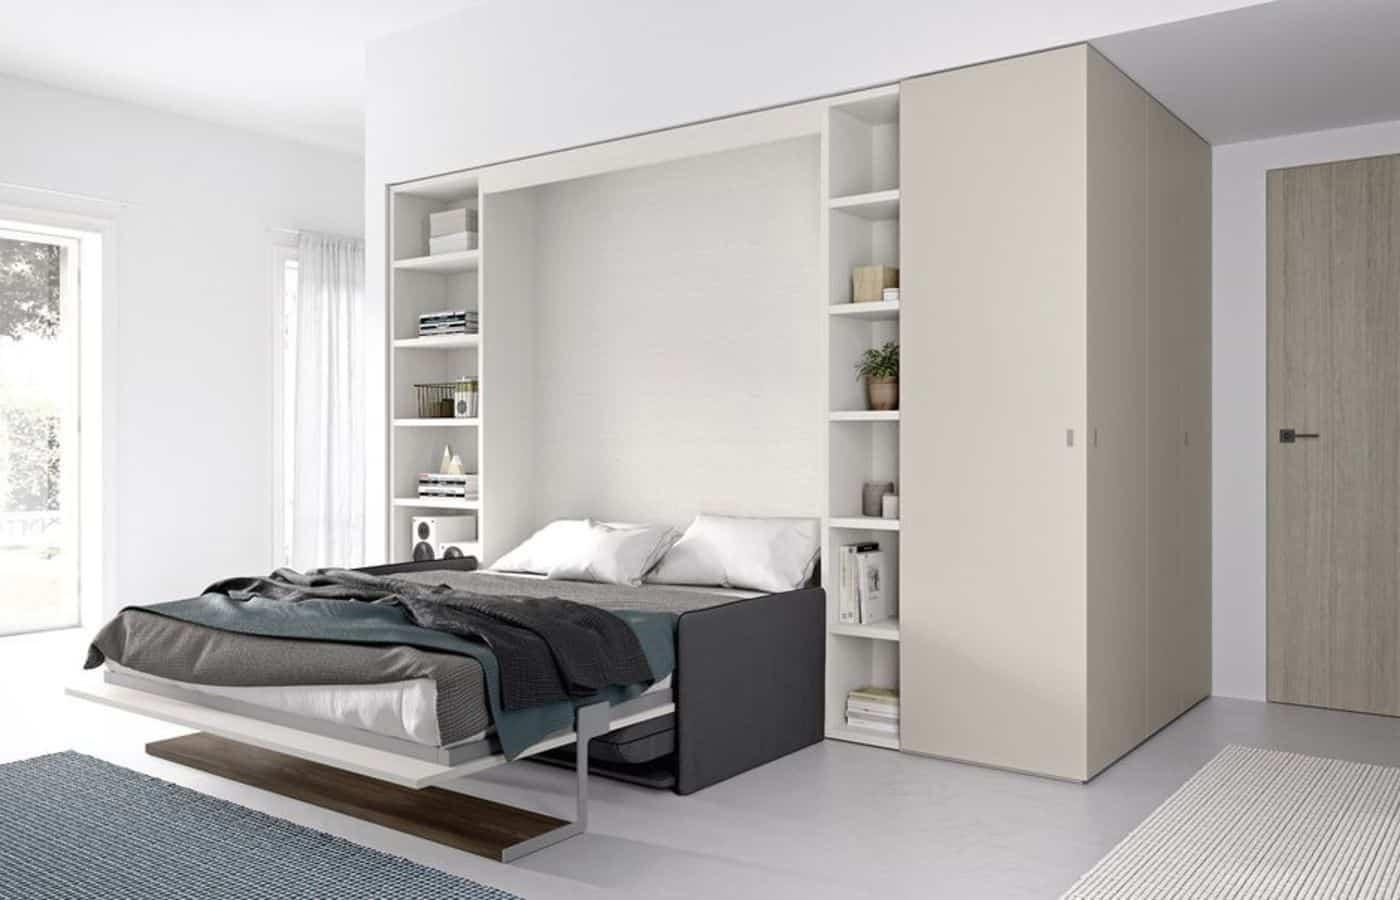 armadi-battente-letto-matrimoniale-aperto-collezione-moving-il-mobile